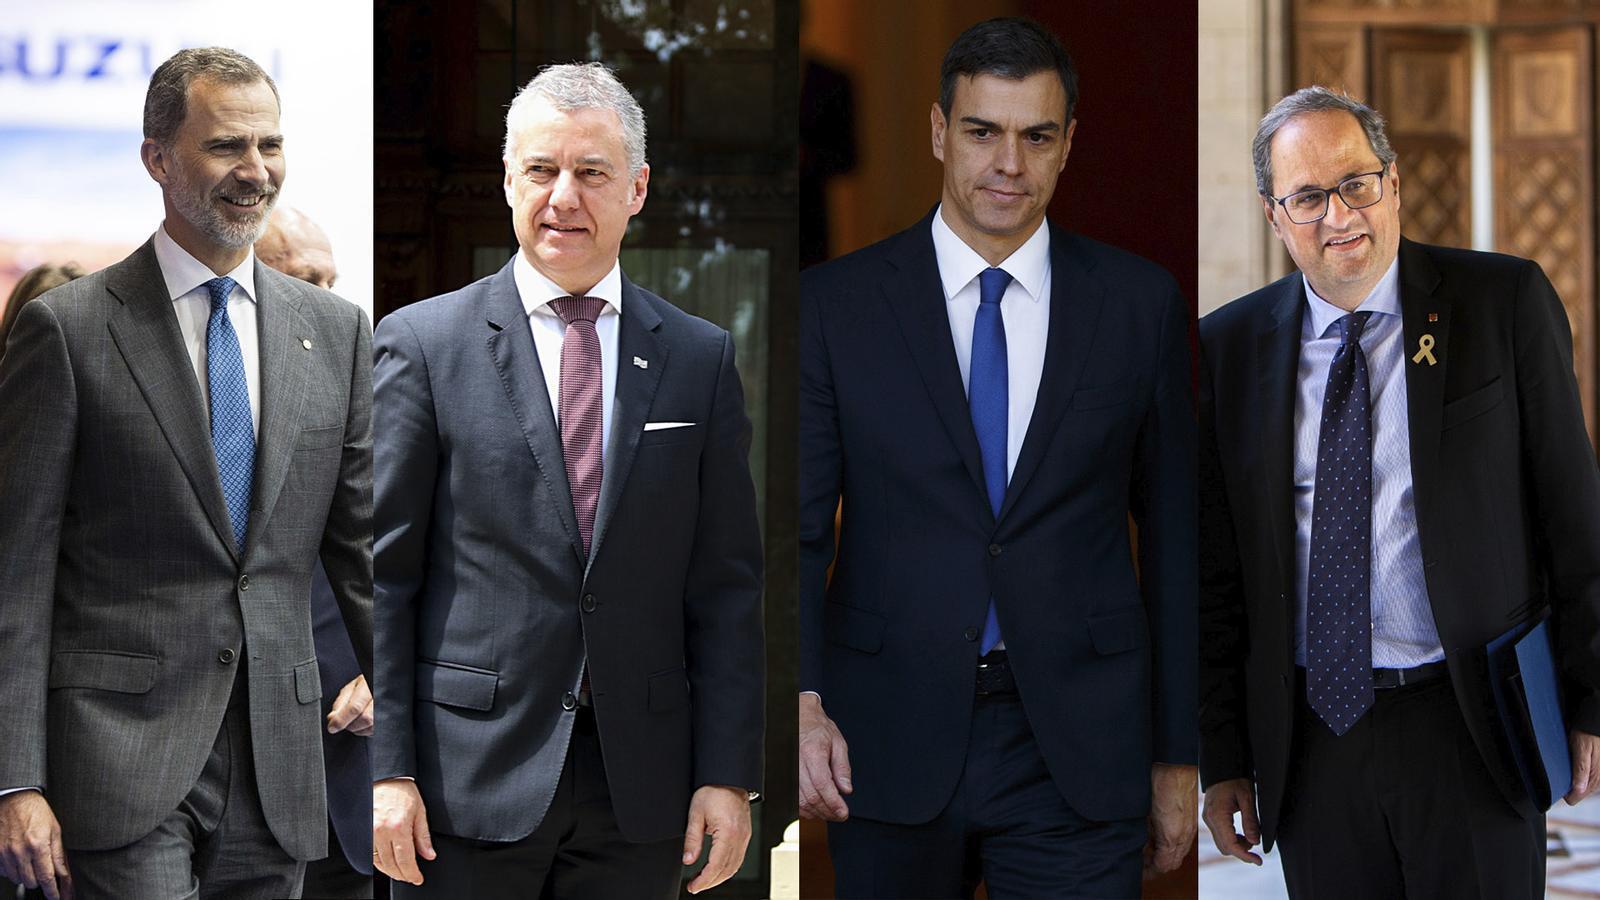 Avui encara farà més calor que ahir, conferència de presidents amb Felip VI però sense Torra ni Urkullu i Trump diu ara  que les eleccions no s'ajornaran: les claus del dia, amb Antoni Bassas (31/07/2020)